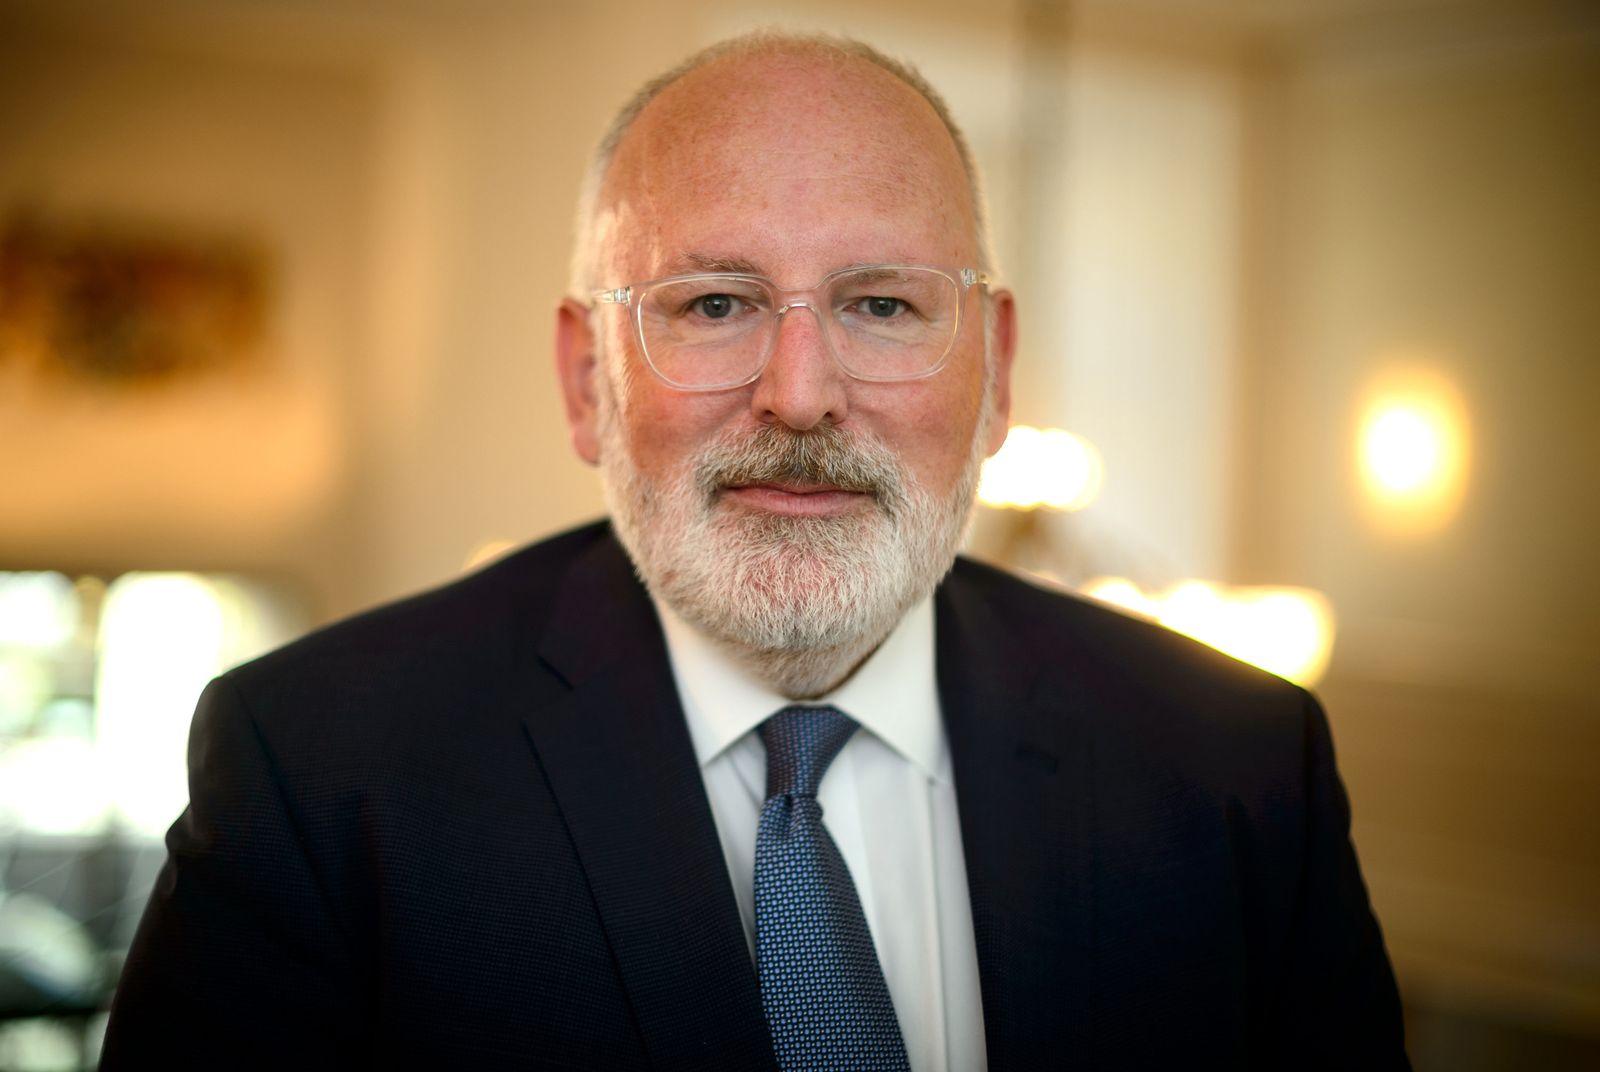 Kandidaten für den EU-Kommissionspräsidenten - Frans Timmermans